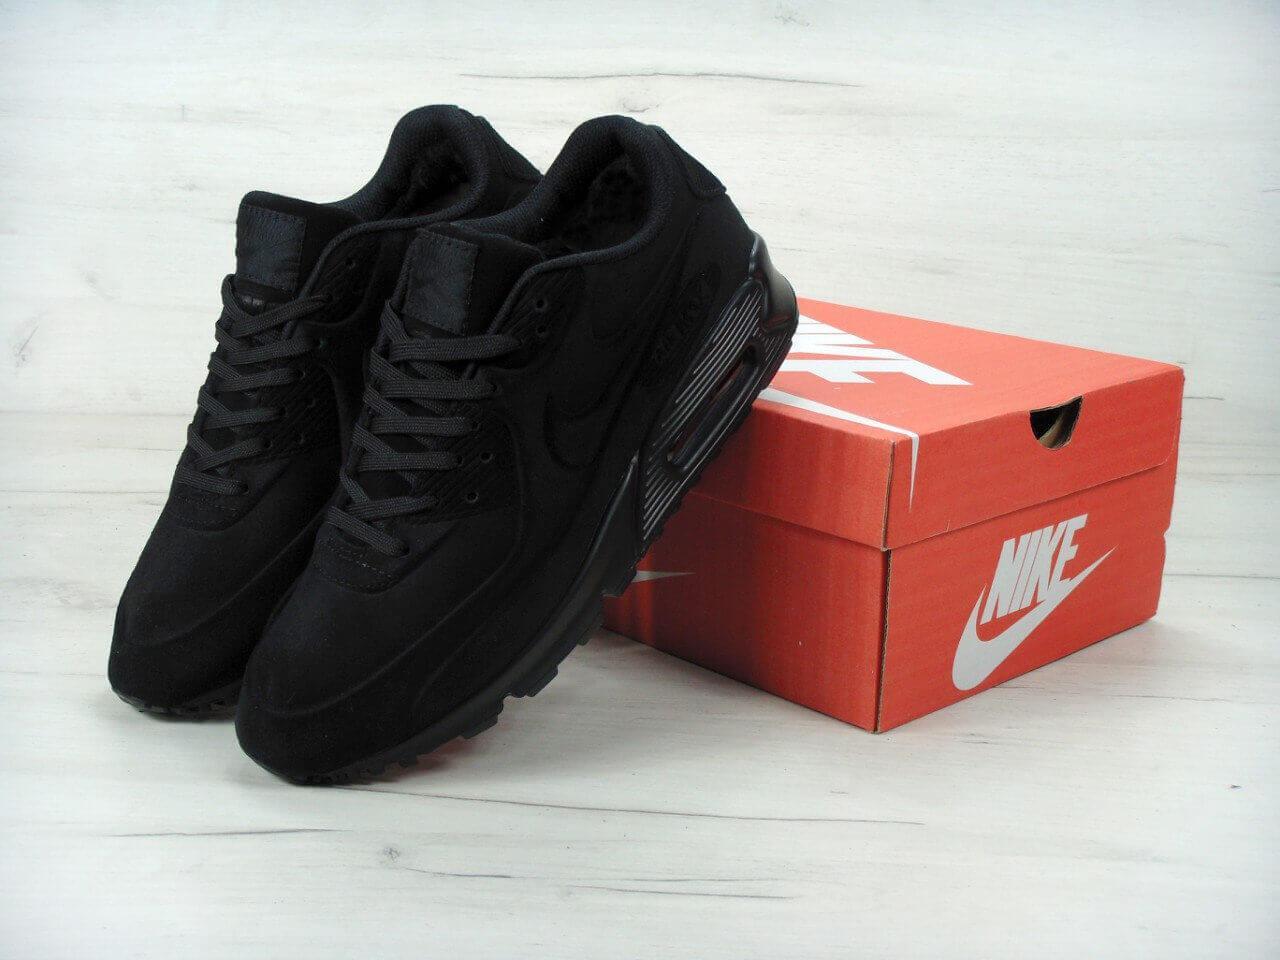 Зимние мужские кроссовки с мехом Nike Air Max 90 VT Tweed Winter в черном цвете (Найк Аир Макс зимние)